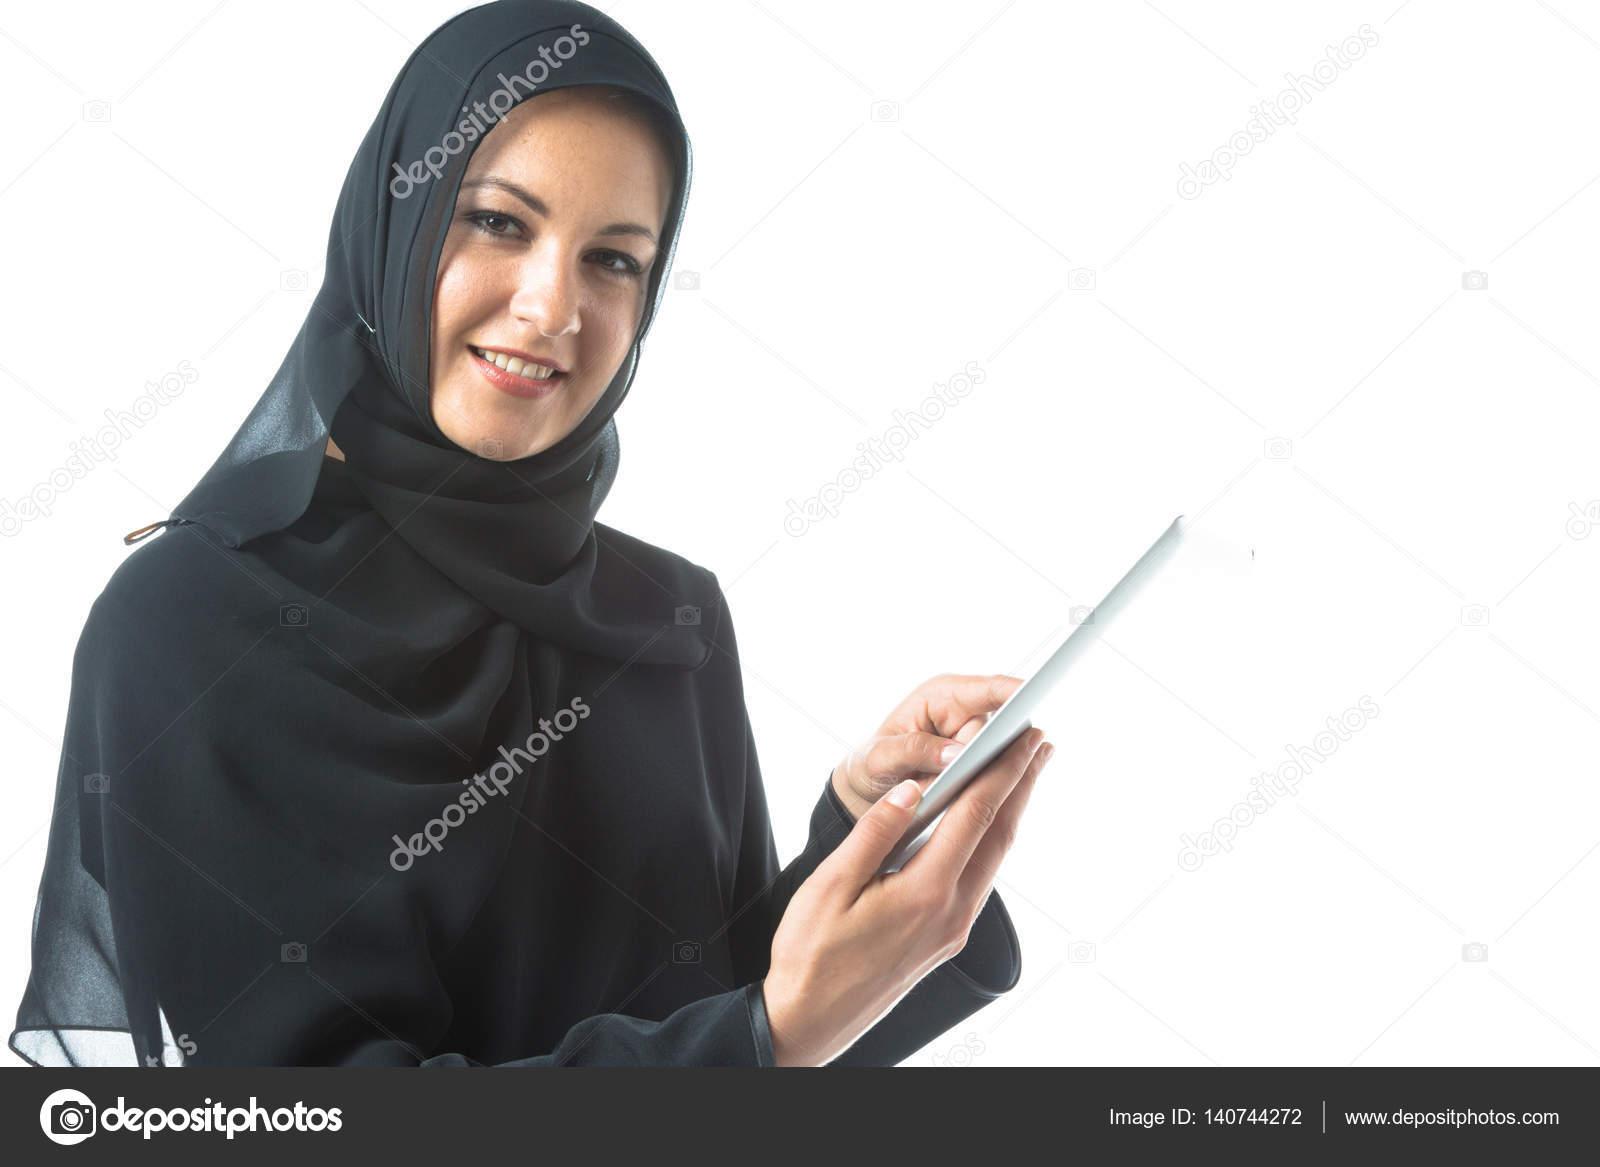 e3ff1deaf mujer joven, usando ropa árabe tradicional — Foto de stock ...